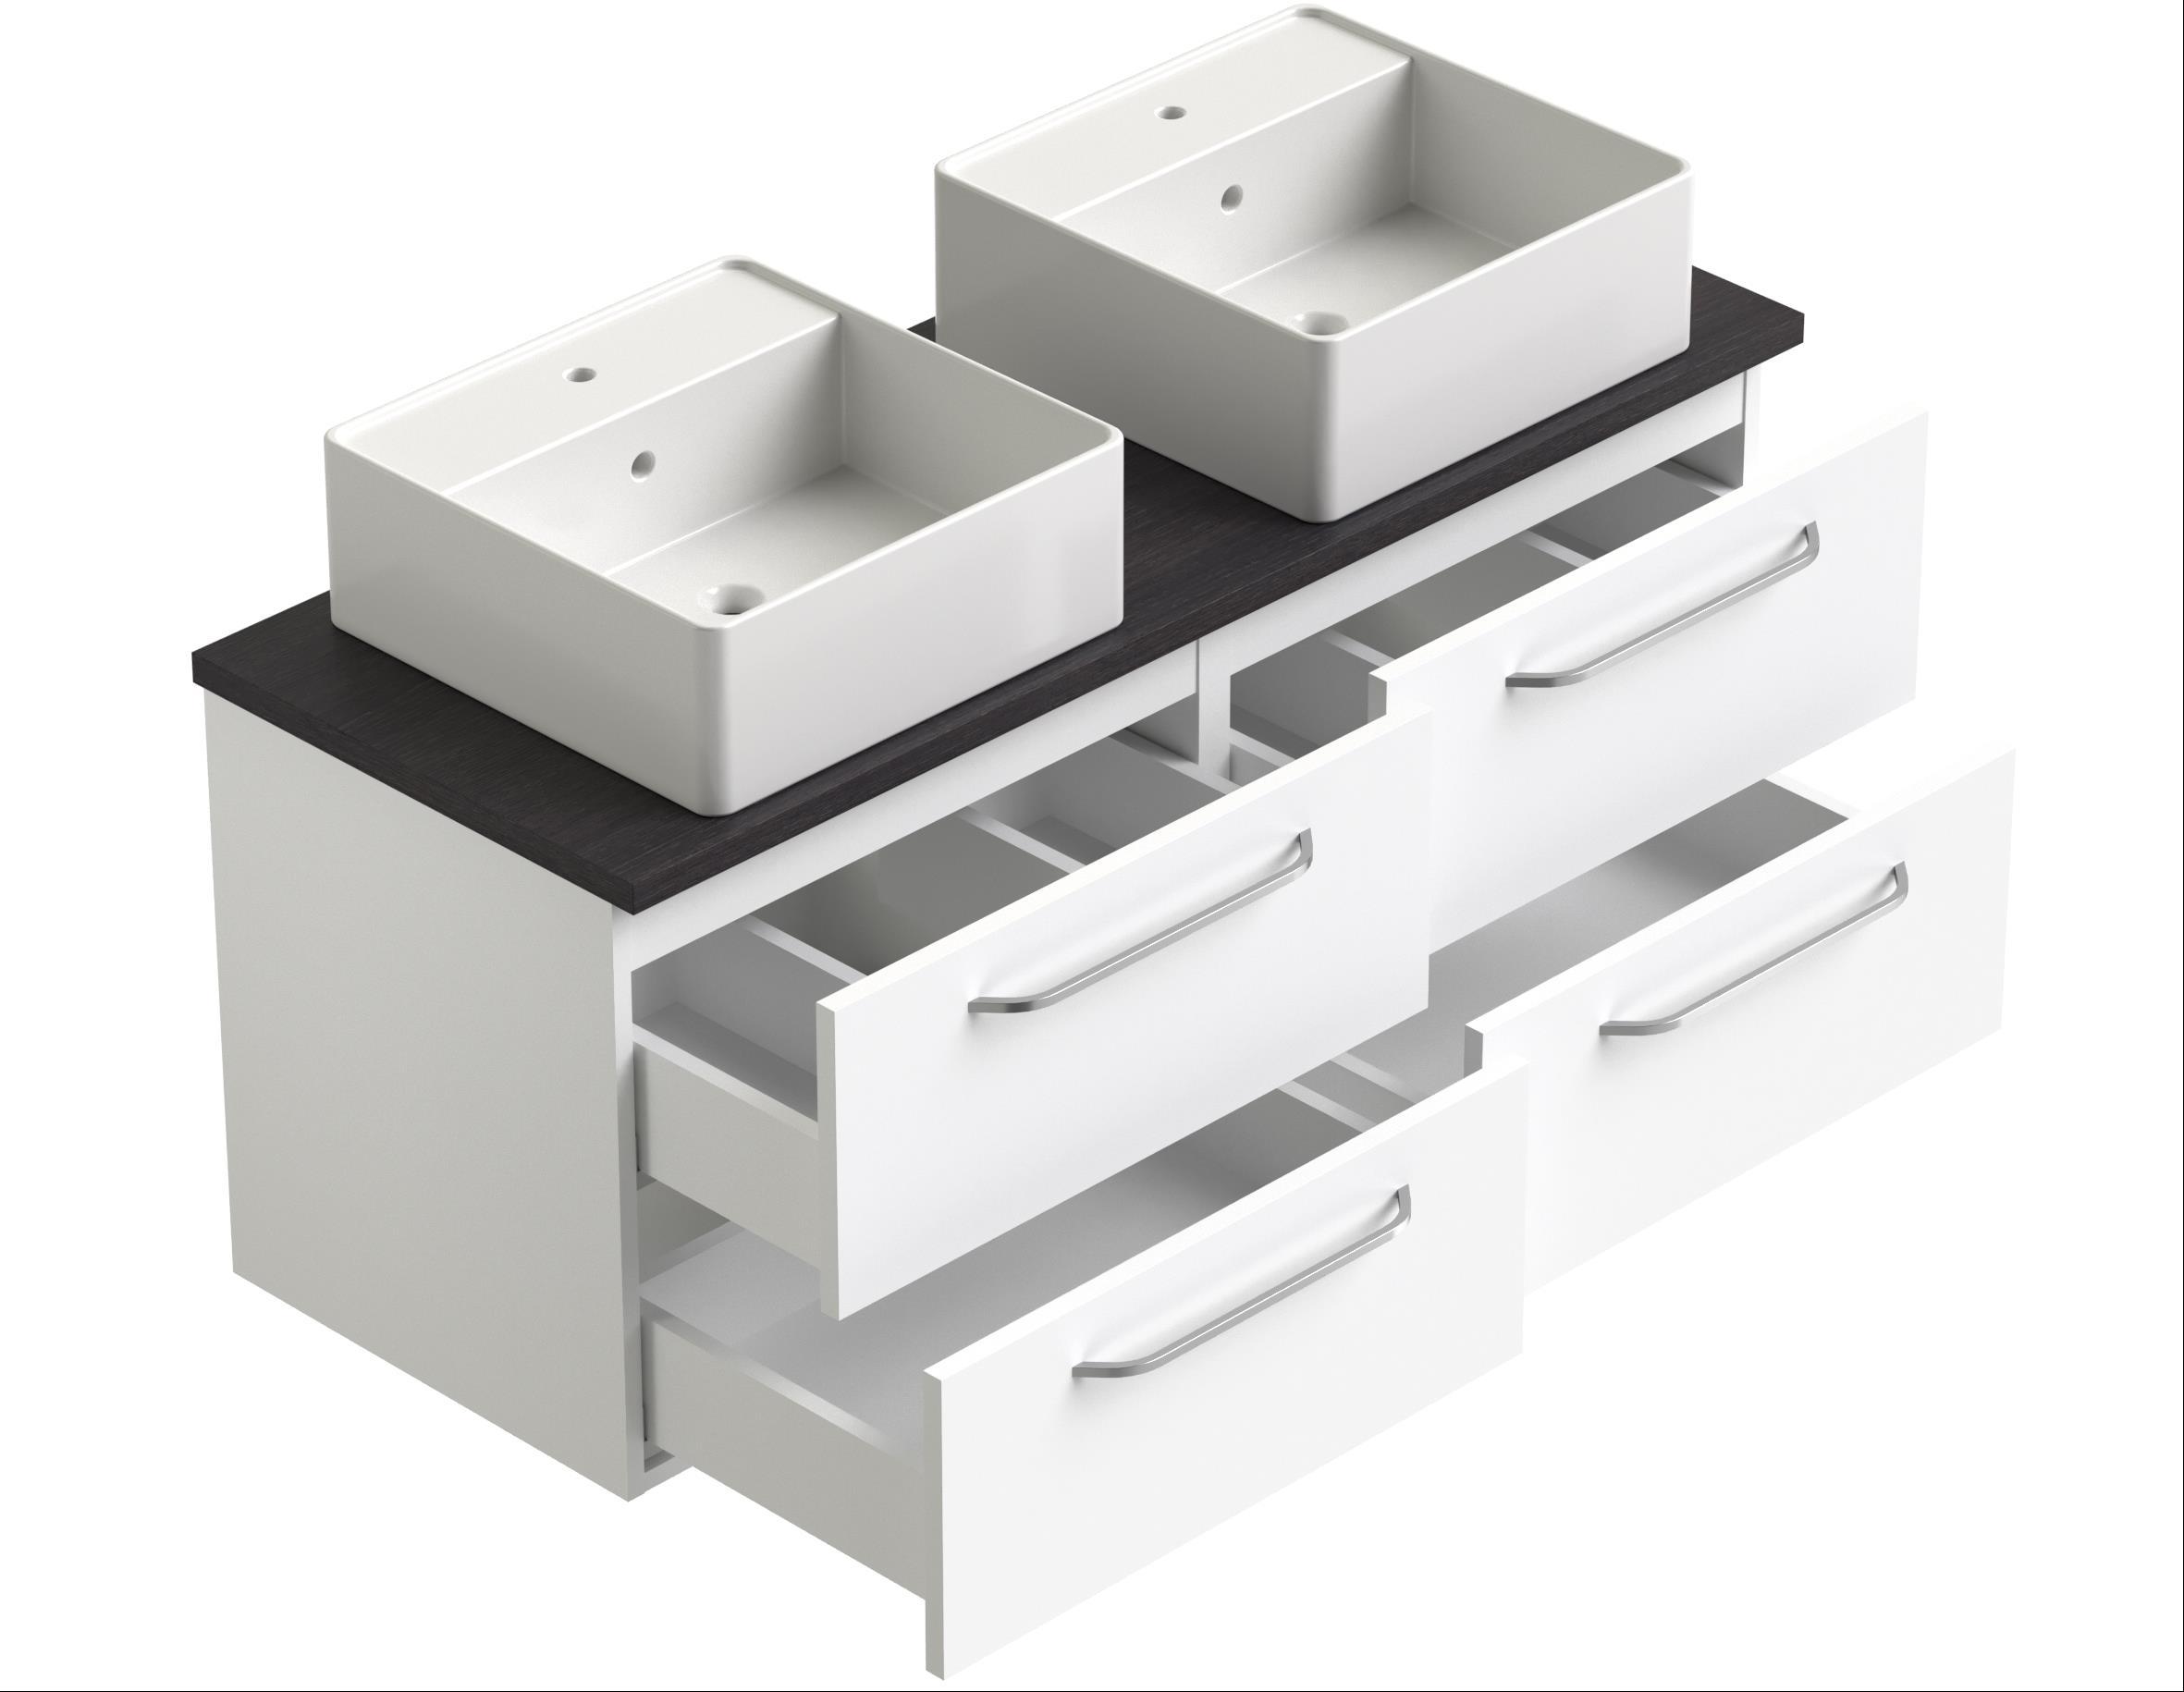 Bad Waschtischunterschrank mit Waschtischplatte und 2 runden Aufsatzbecken Luna 120 Weiß glänzend/Eiche bardolino Bild 3